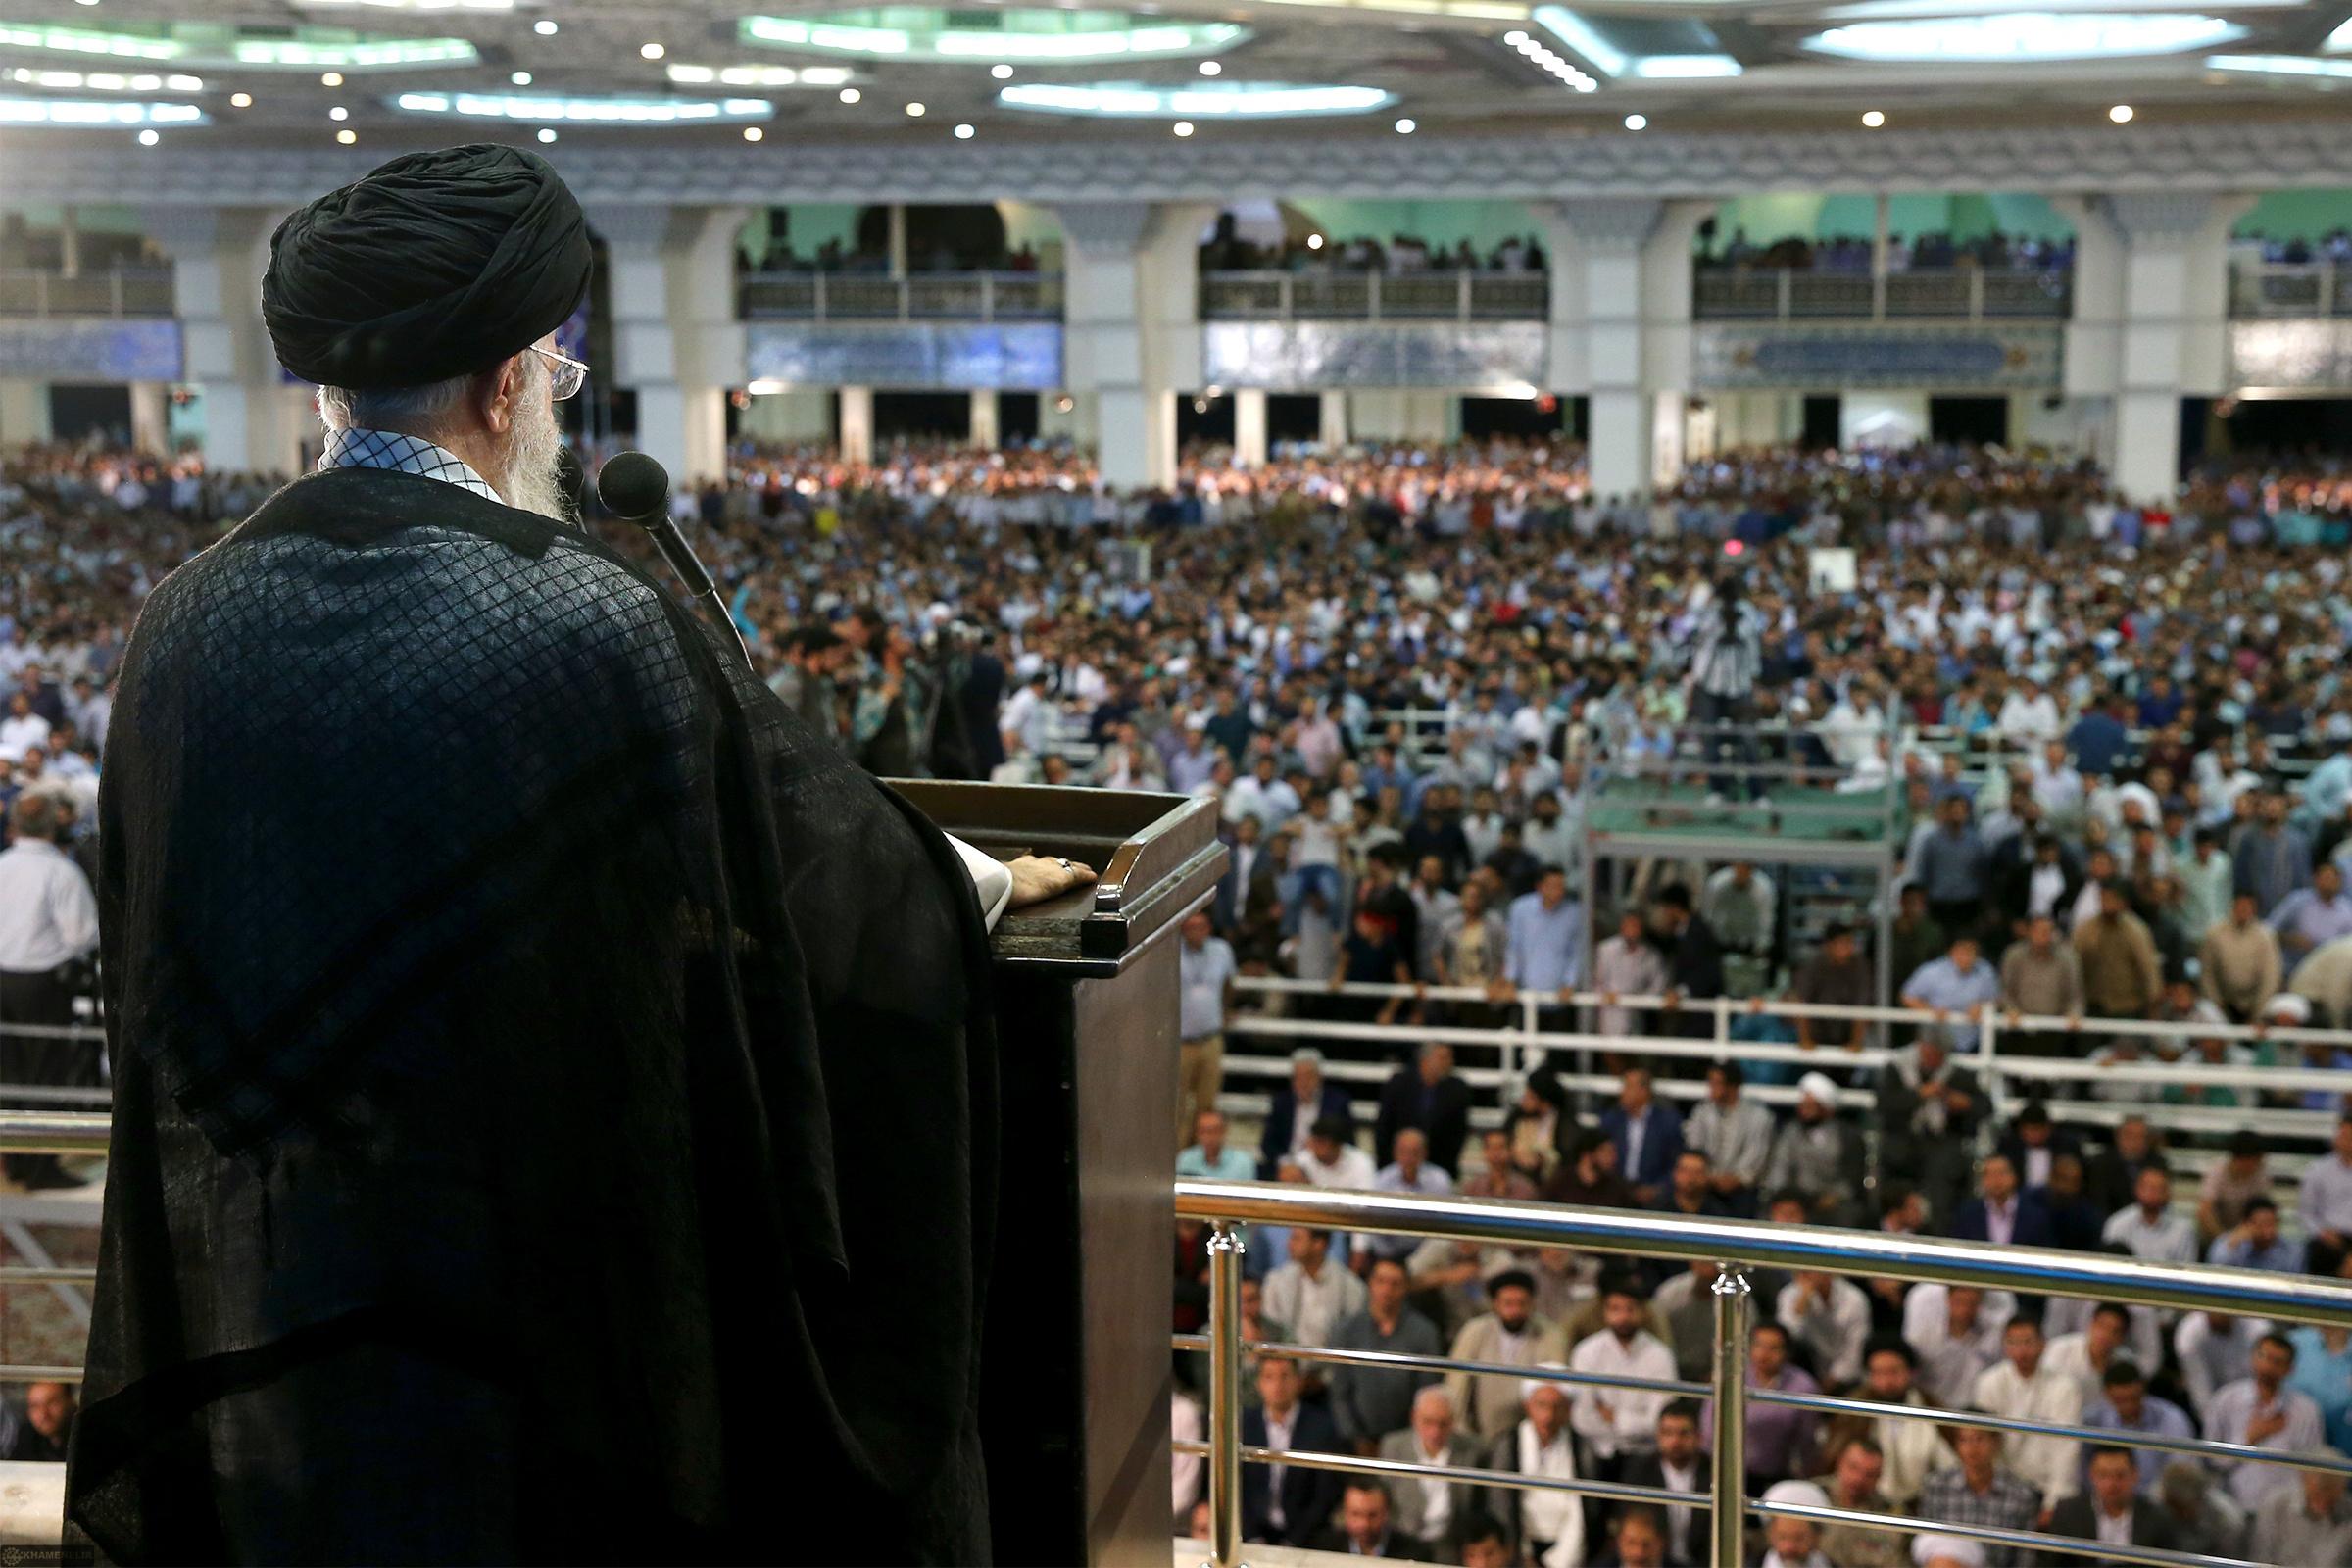 خطبههای نماز عید فطر به عنوان مسیر ریل گذاری سیاستهای نظام